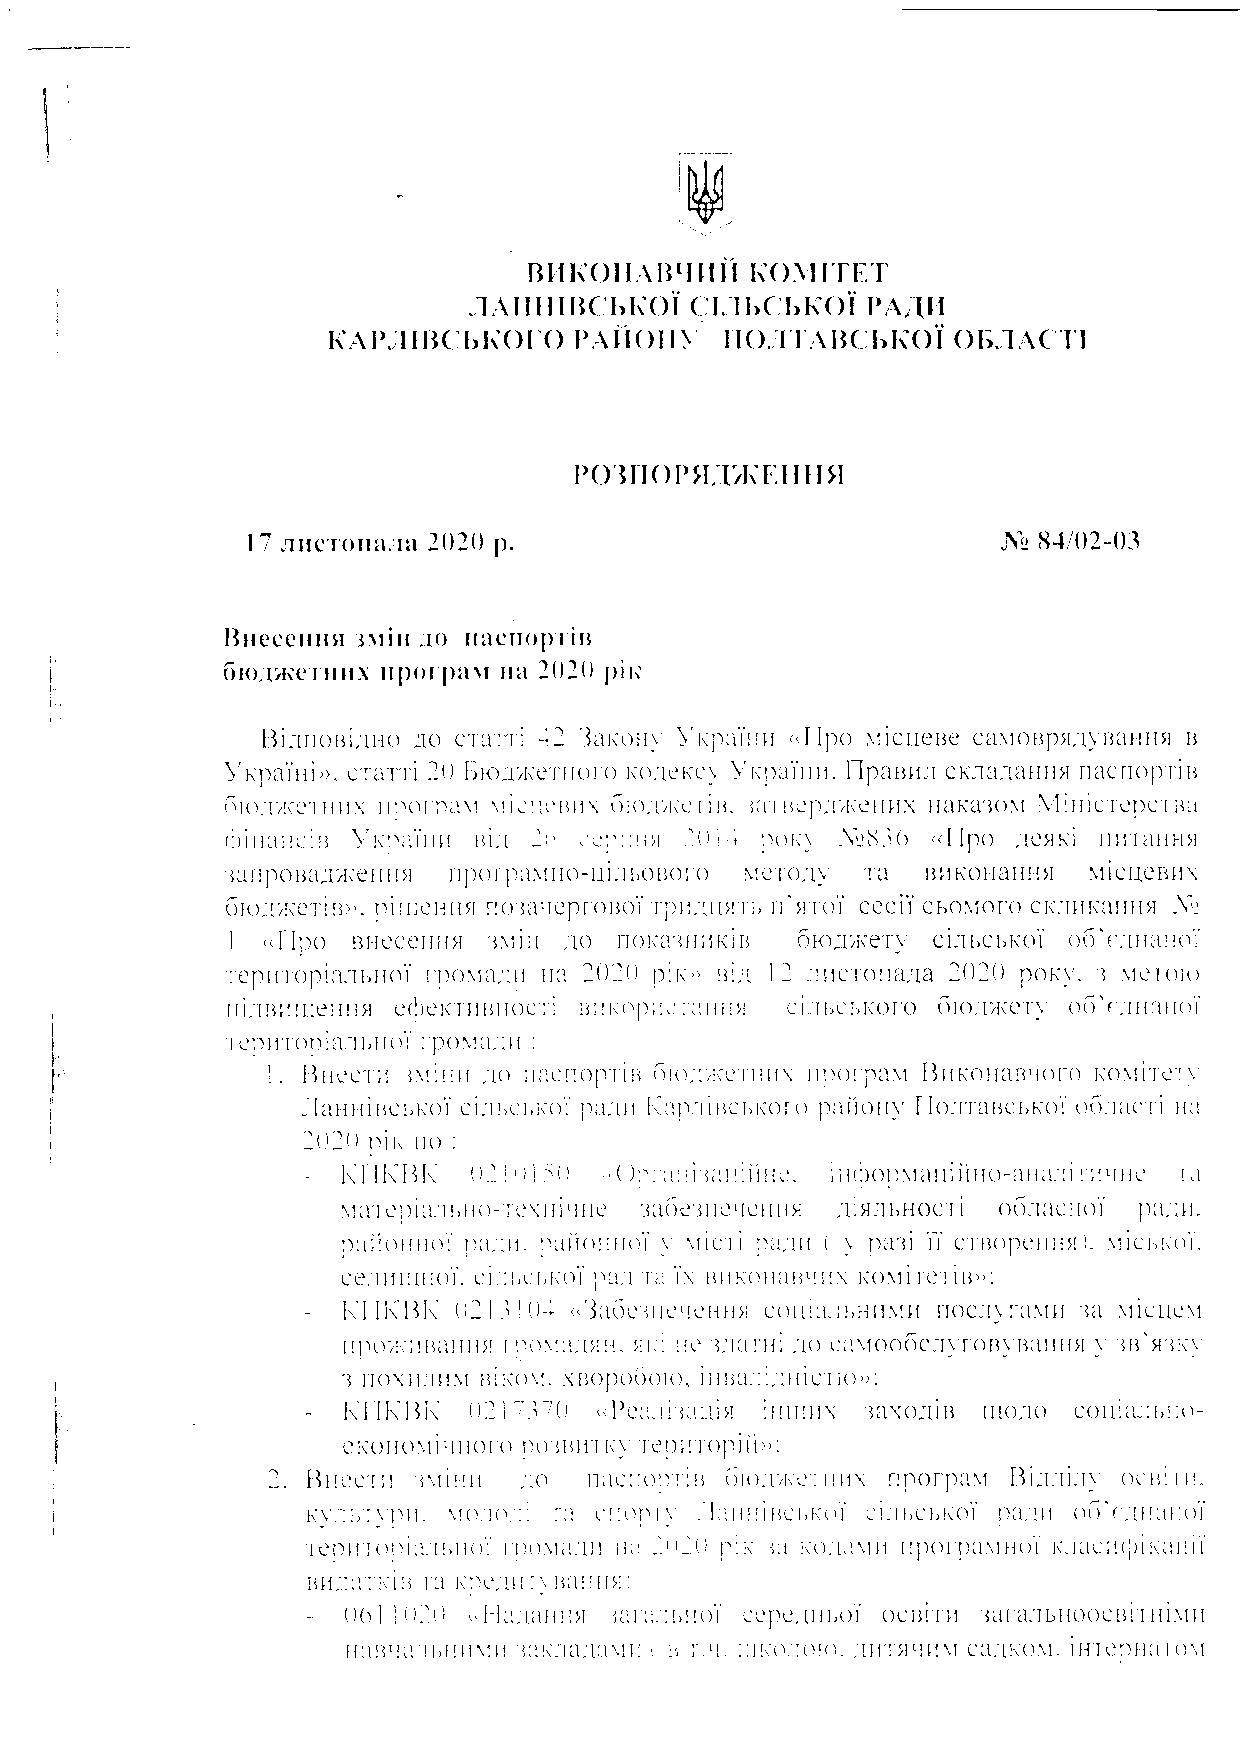 Про внесення змін до паспортів бюджетних програм на 2020 рік від 17.11.2020